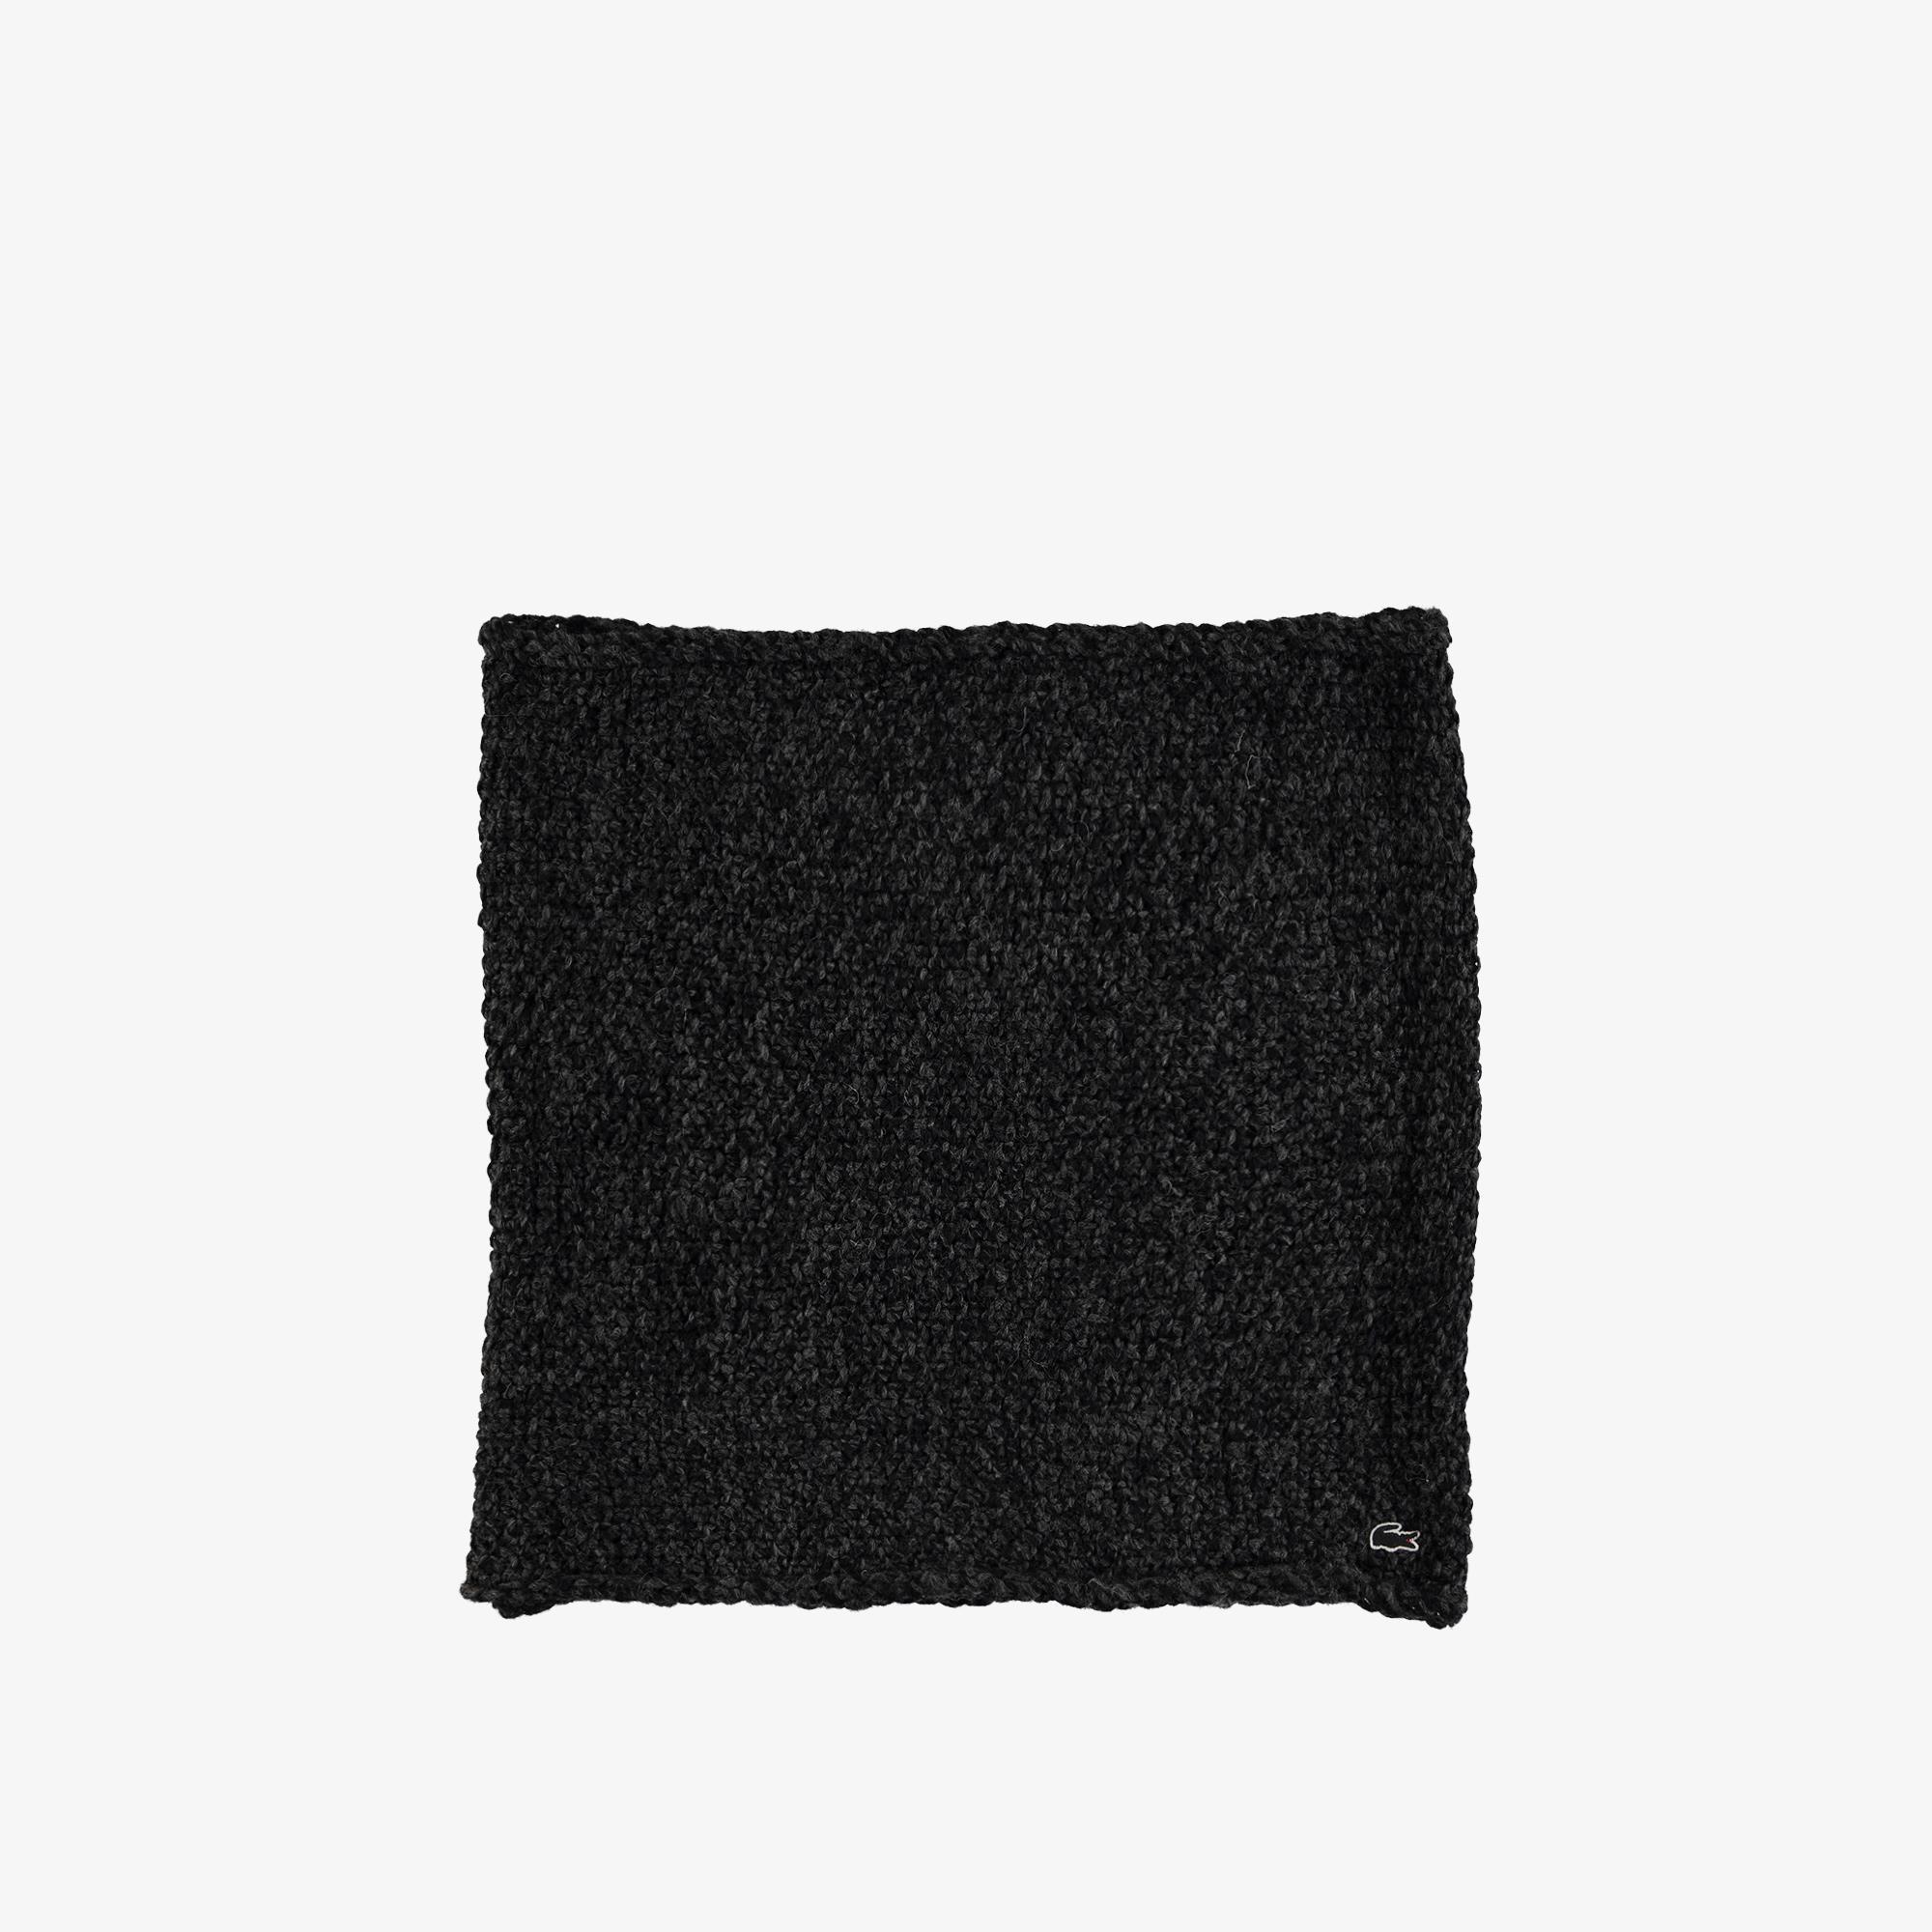 Lacoste Unisex Siyah Yün Karışımlı Boyunluk